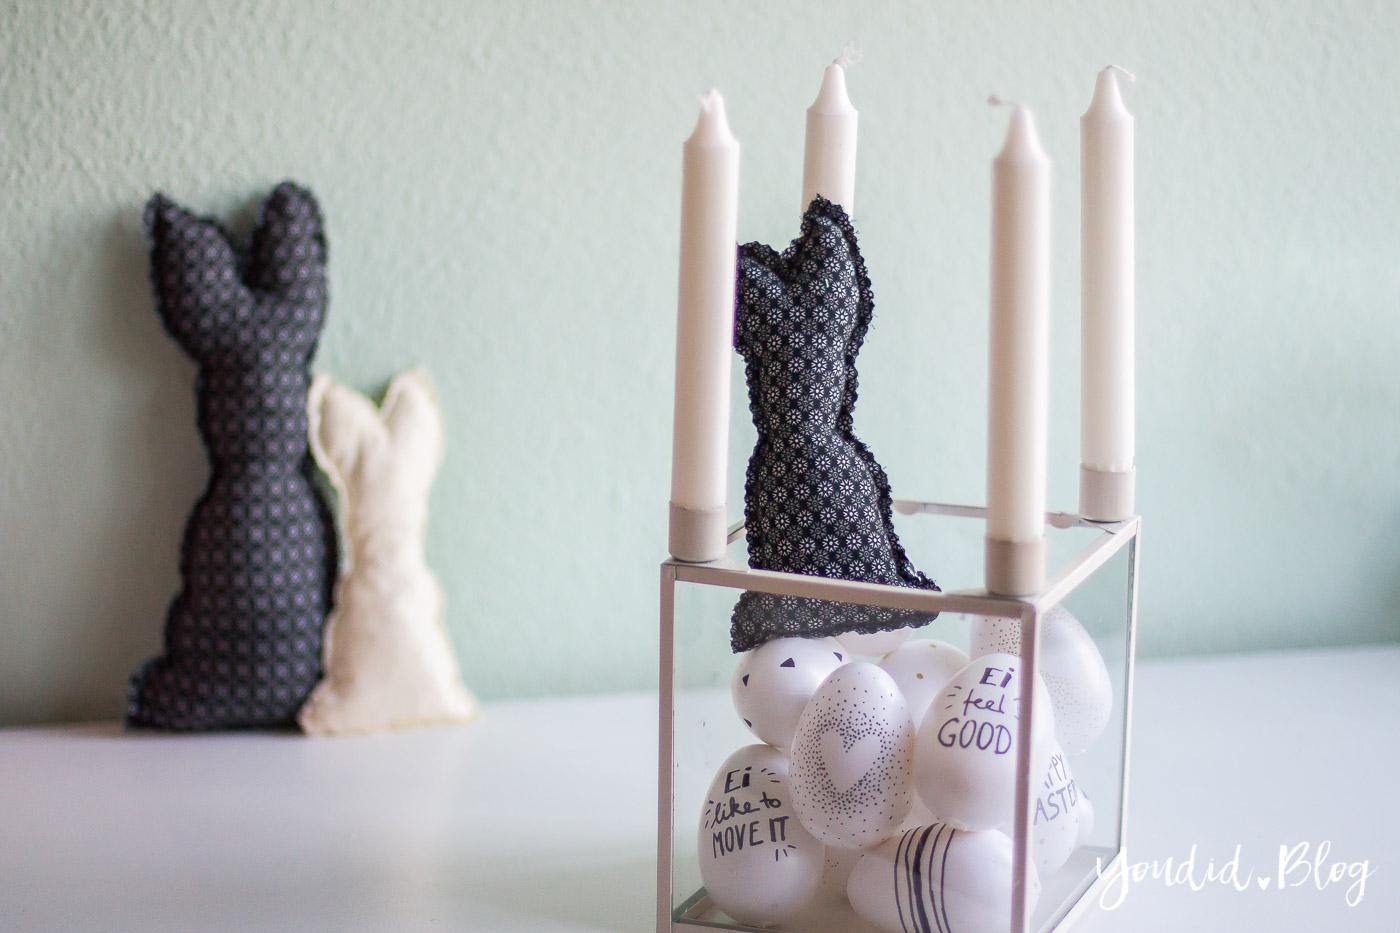 schwarz weisse ostereier ausblasen und anmalen pilot. Black Bedroom Furniture Sets. Home Design Ideas